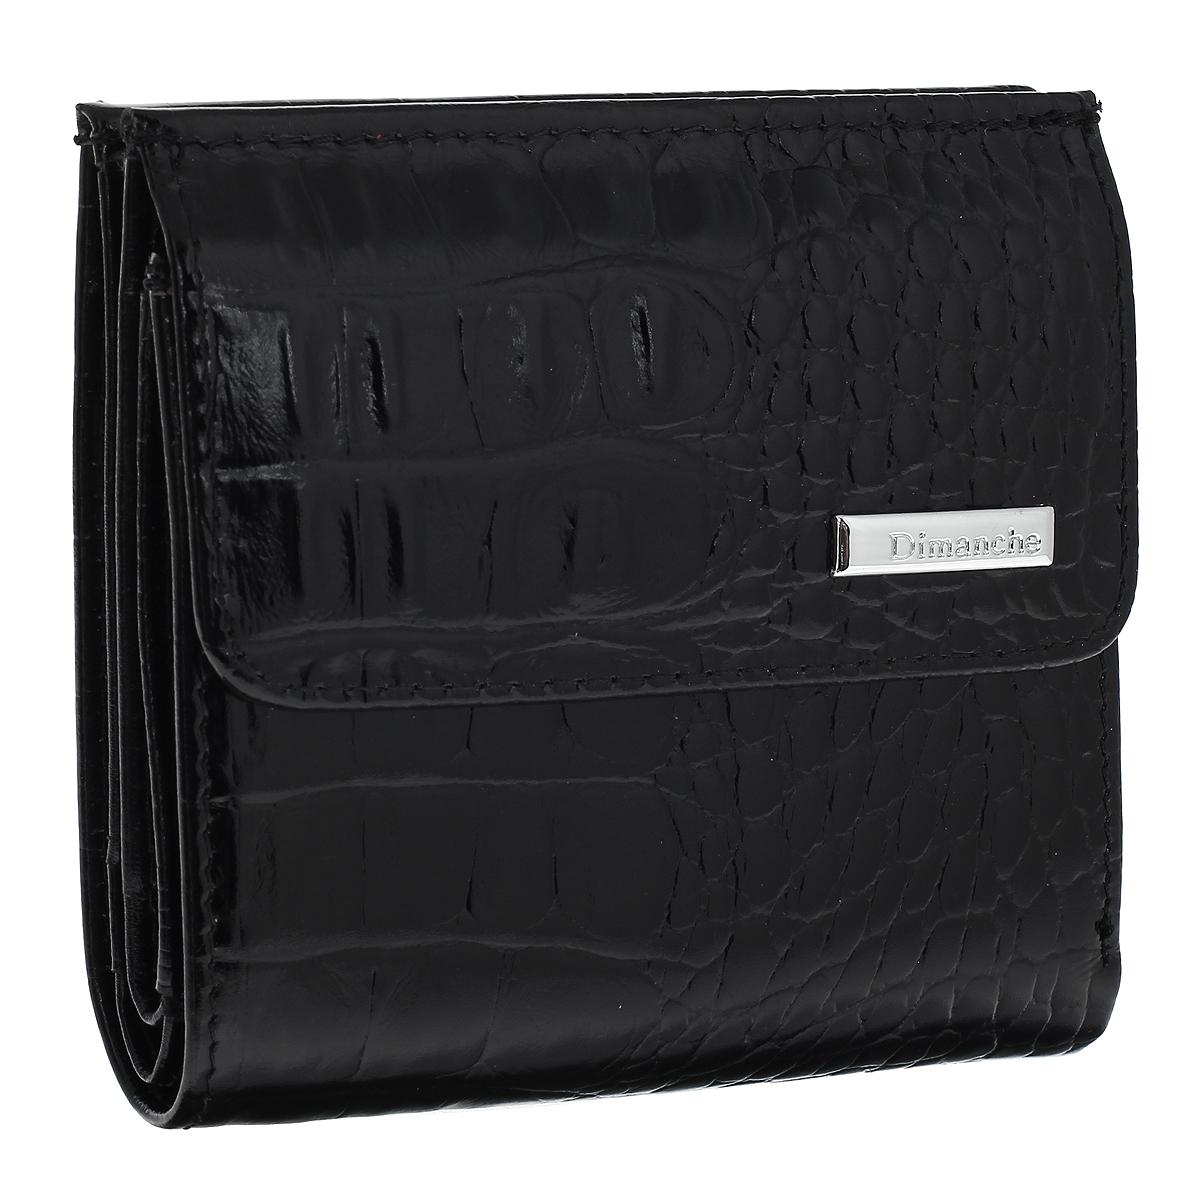 Кошелек женский Dimanche Loricata, цвет: черный. 4261-022_516Кошелек Dimanche Loricata изготовлен из натуральной кожи черного цвета с декоративным тиснением под рептилию. Закрывается на магнитную кнопку. На передней стенке расположен объемный карман для мелочи, закрывающийся на кнопку. Внутри кошелька содержится 2 отделения для купюр, дополнительный карман на молнии, 2 прорезных кармана для пластиковых карт, кармашек для сим-карты, 2 потайных вертикальных кармашка для мелких бумаг и окошко для фотографии. Внутри кошелек отделан атласным полиэстером черного цвета с узором. Фурнитура - серебристого цвета.Стильный кошелек отлично дополнит ваш образ и станет незаменимым аксессуаром на каждый день. Упакован в фирменную картонную коробку коричневого цвета.Характеристики: Материал: натуральная кожа, полиэстер, металл. Цвет: черный. Размер кошелька (ДхШхВ): 10 см х 10,5 см х 2,5 см.